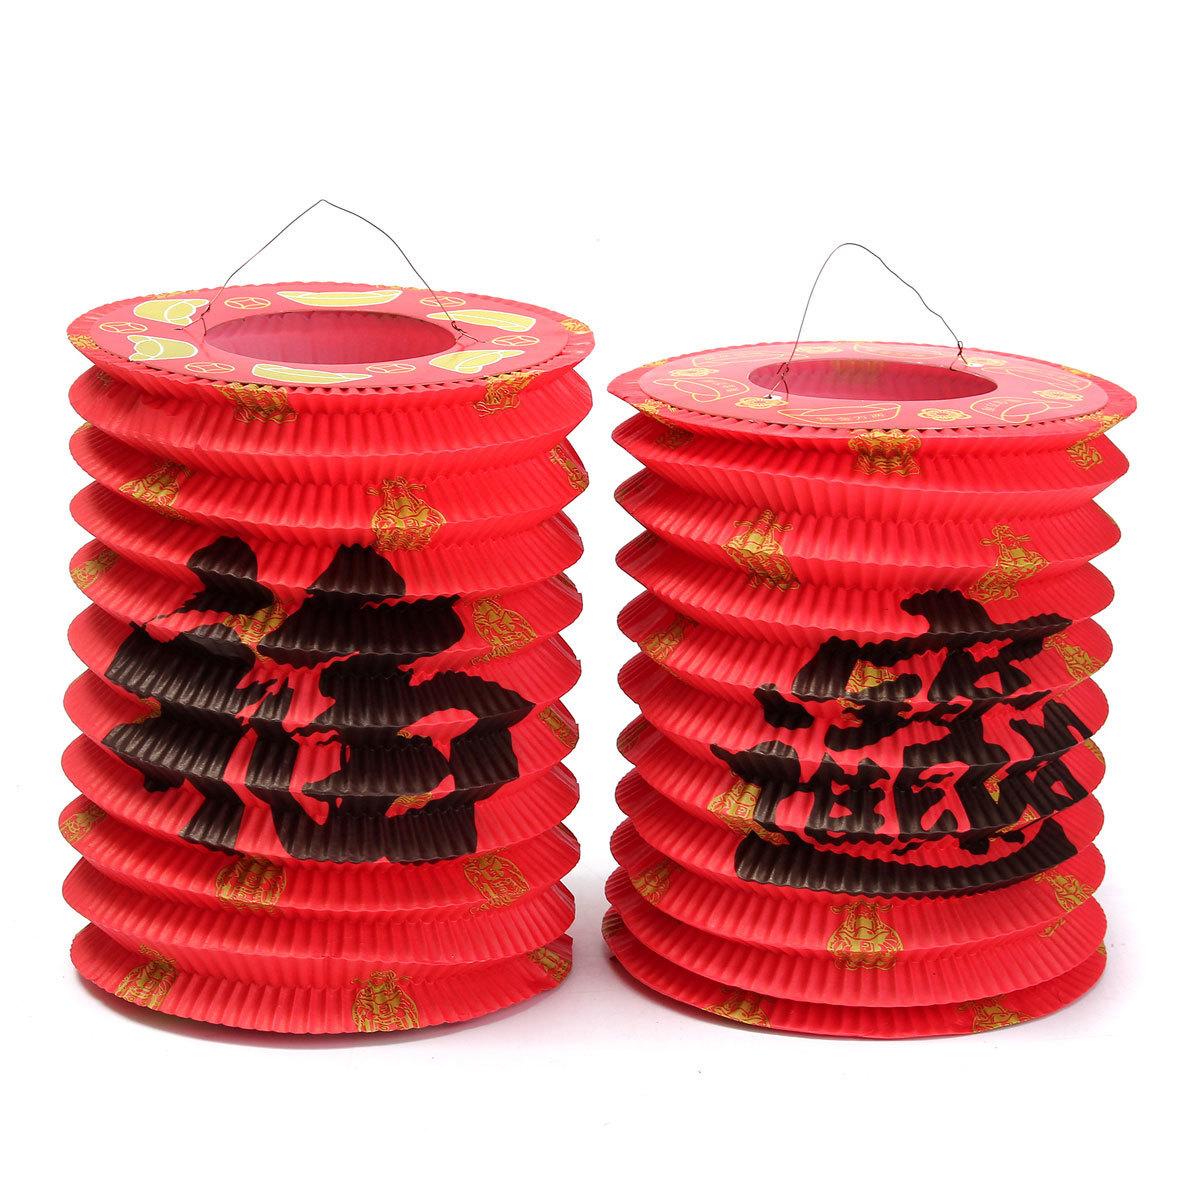 chinois asiatique suspendus papier lanterne coutume tradition mi-automne festival / nouvel an célébrer la décoration de fête